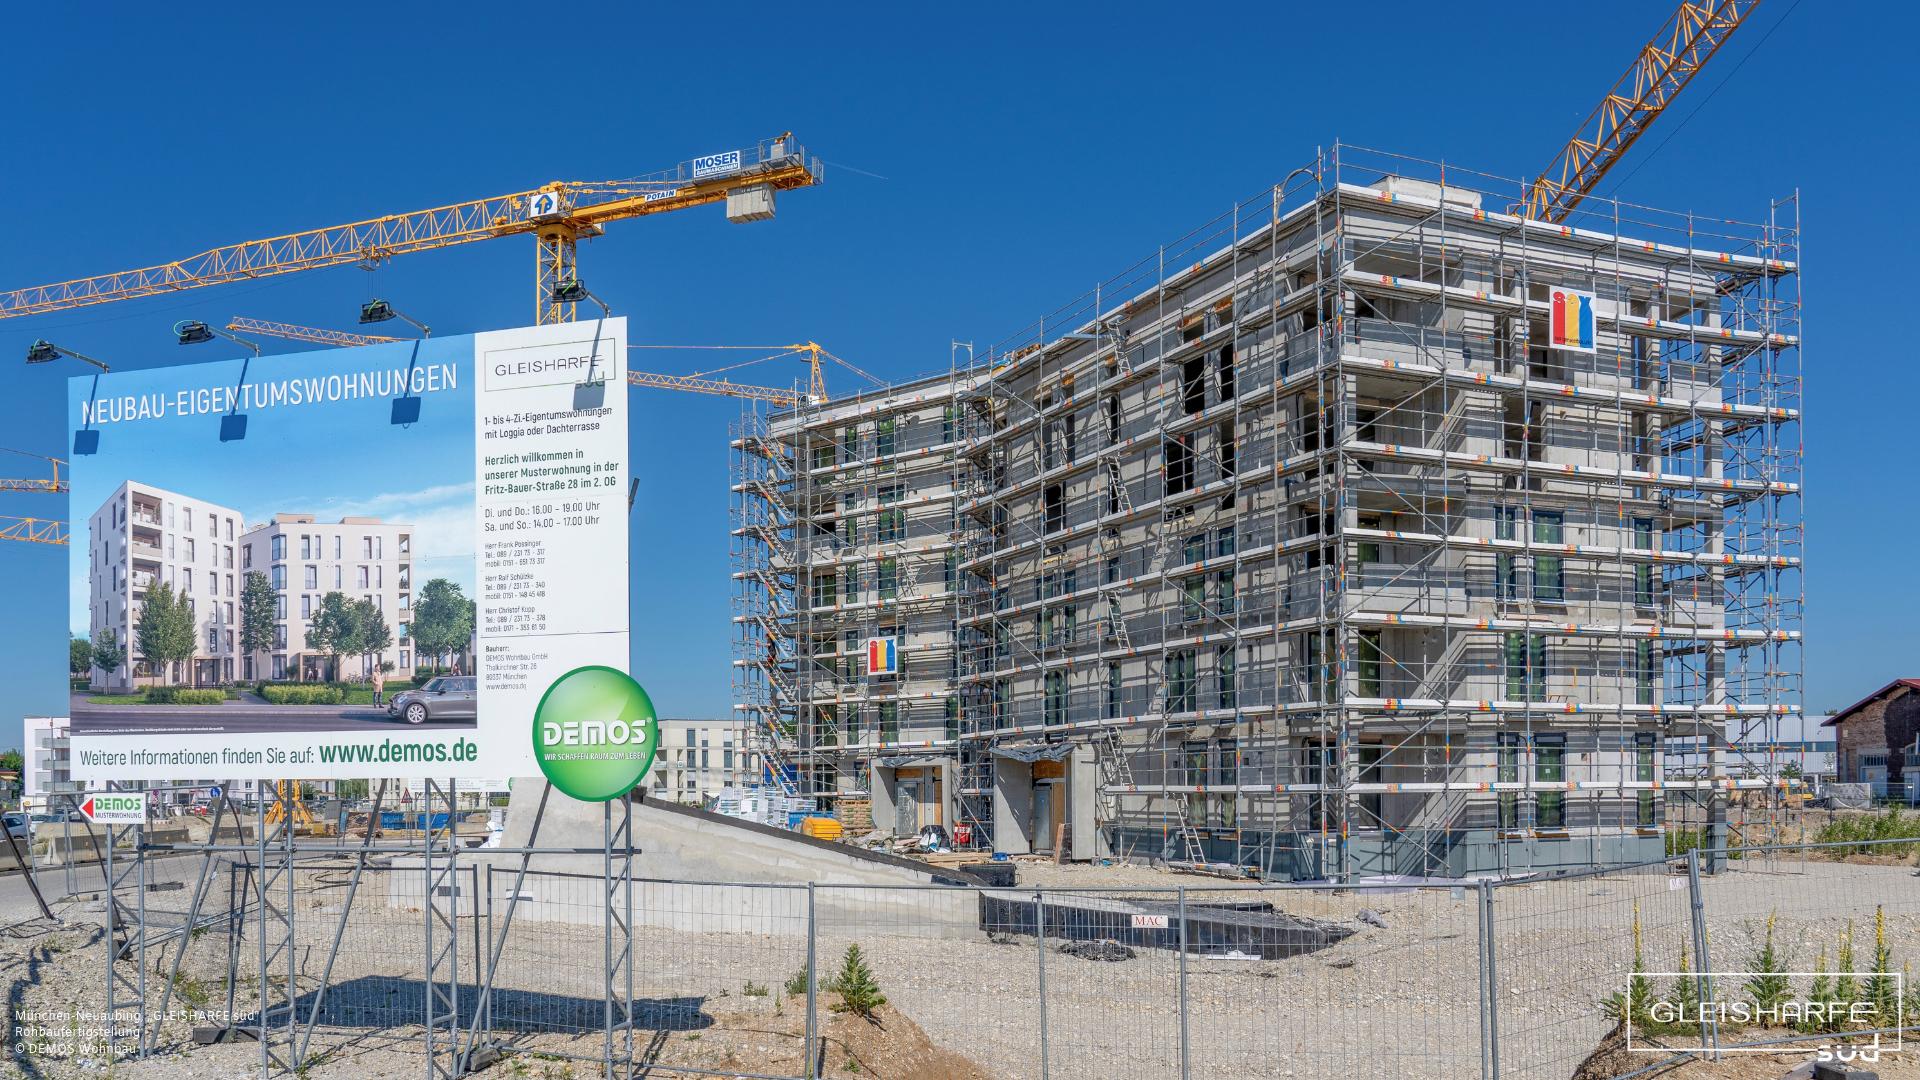 """""""GLEISHARFE süd"""" in Neuaubing: Fertigstellung der Rohbauarbeiten"""